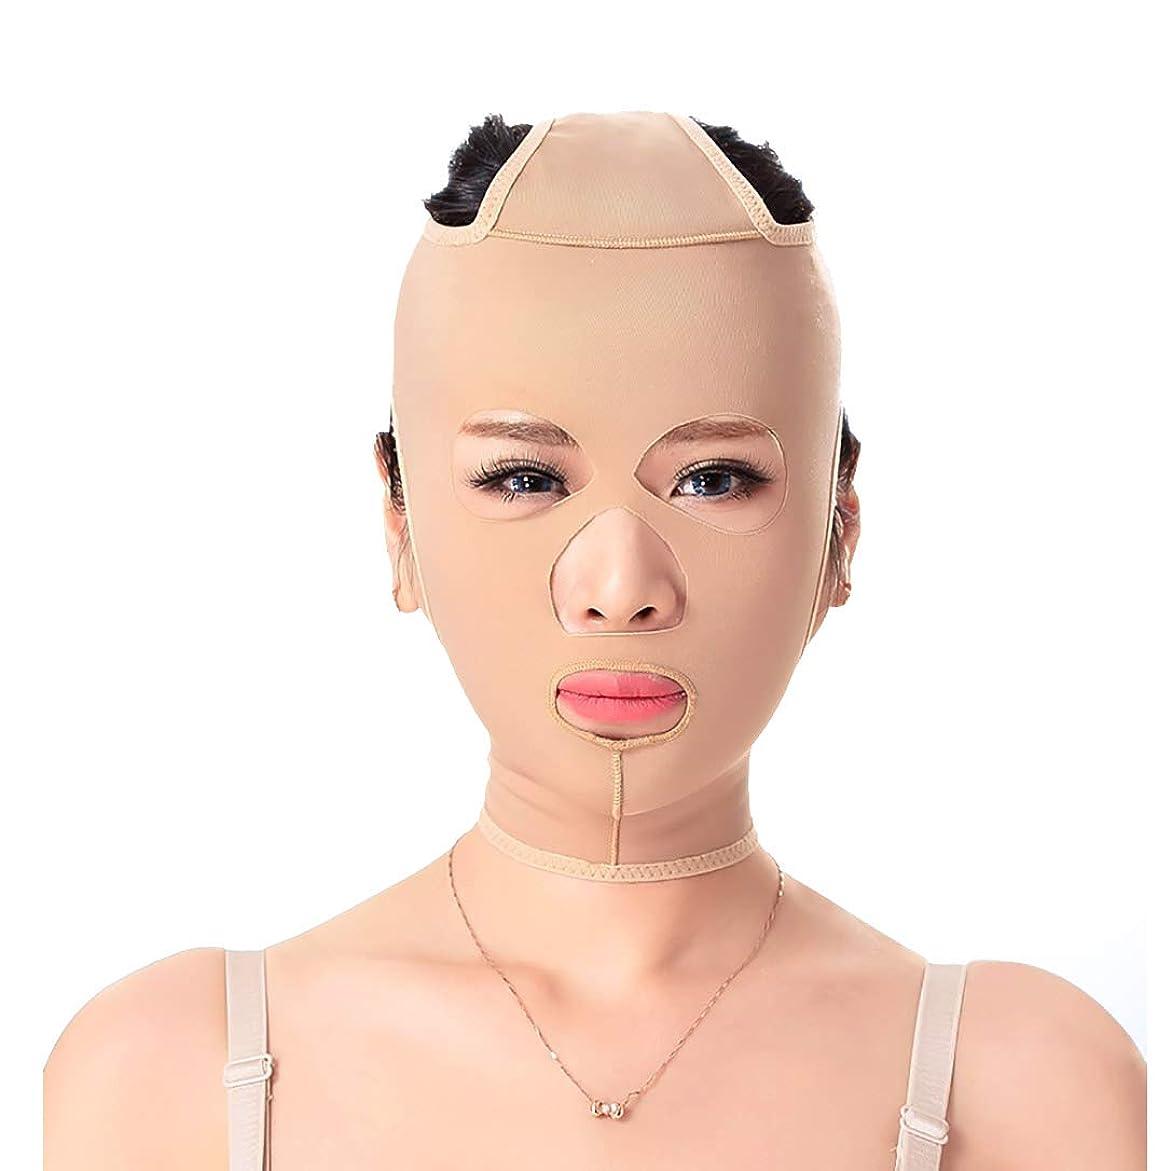 未払い大声でズボンGLJJQMY 減量ベルトマスクフェイスマスクマスクパターン強化二重あご引き締め顔面顔面強力なフェイスリフティング包帯 顔用整形マスク (Size : XXL)